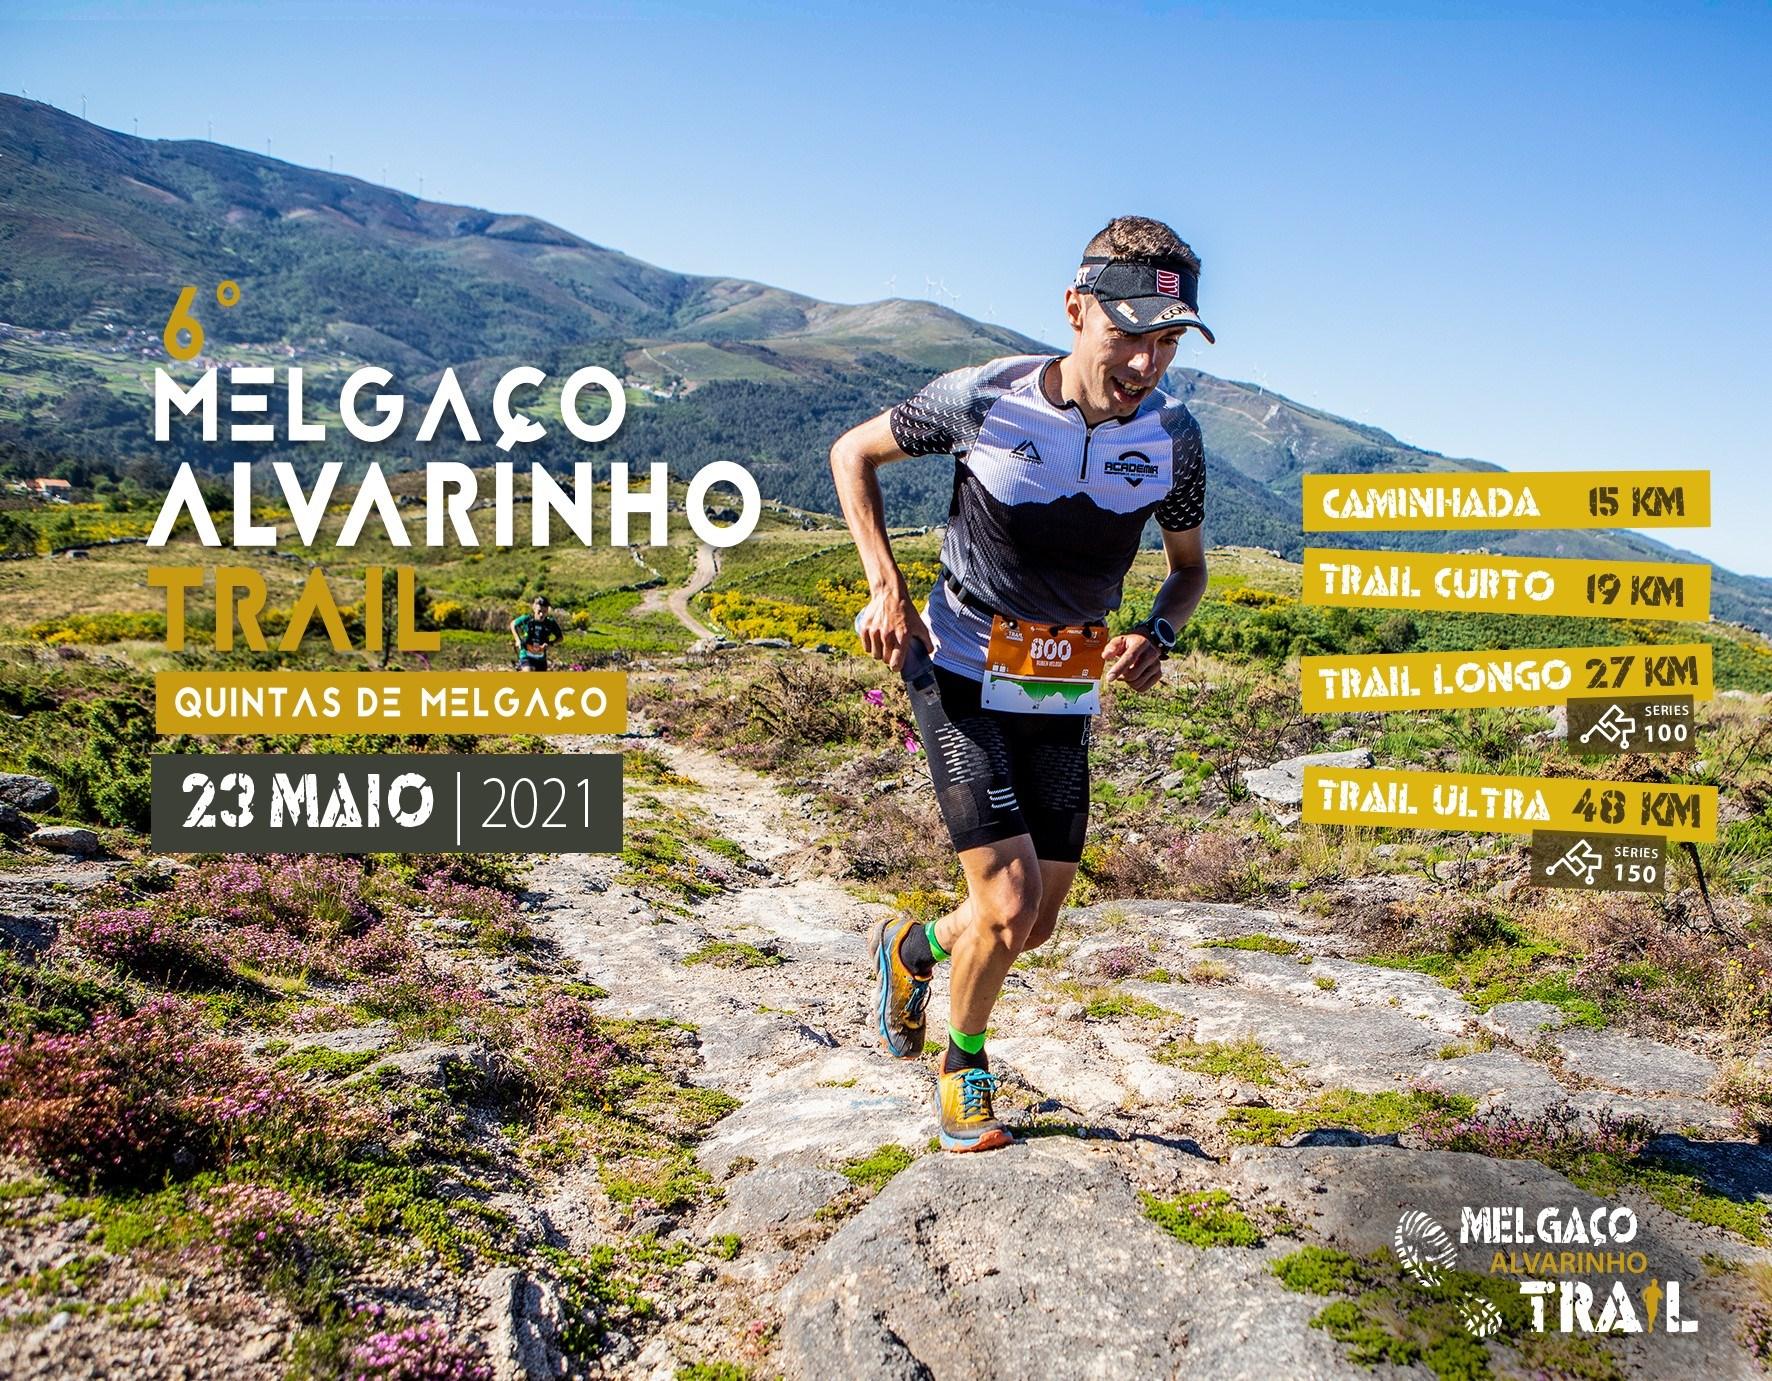 VI Melgaço Alvarinho Trail – Quintas de Melgaço_2021